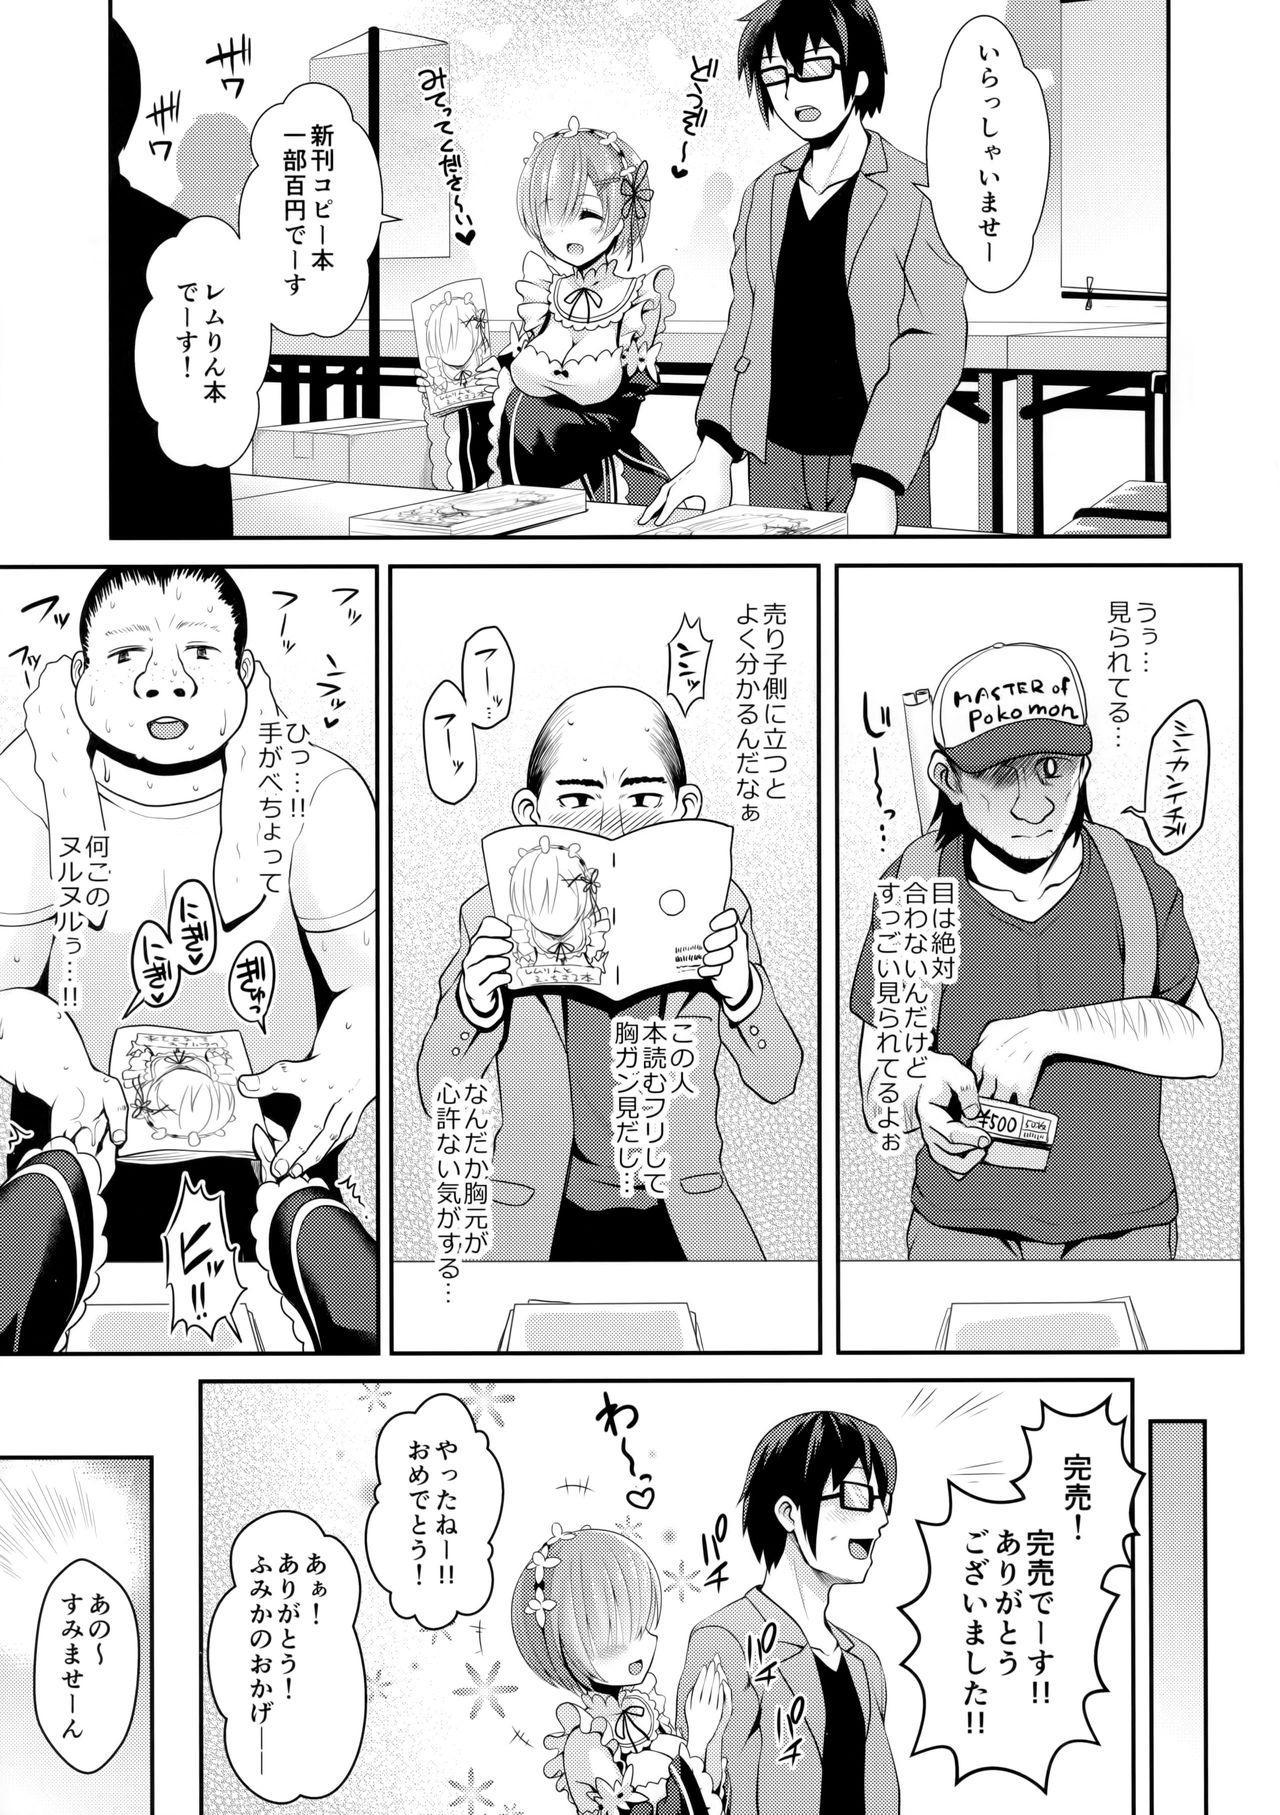 Zero kara Hajimeru Cosplay Seikatsu 5